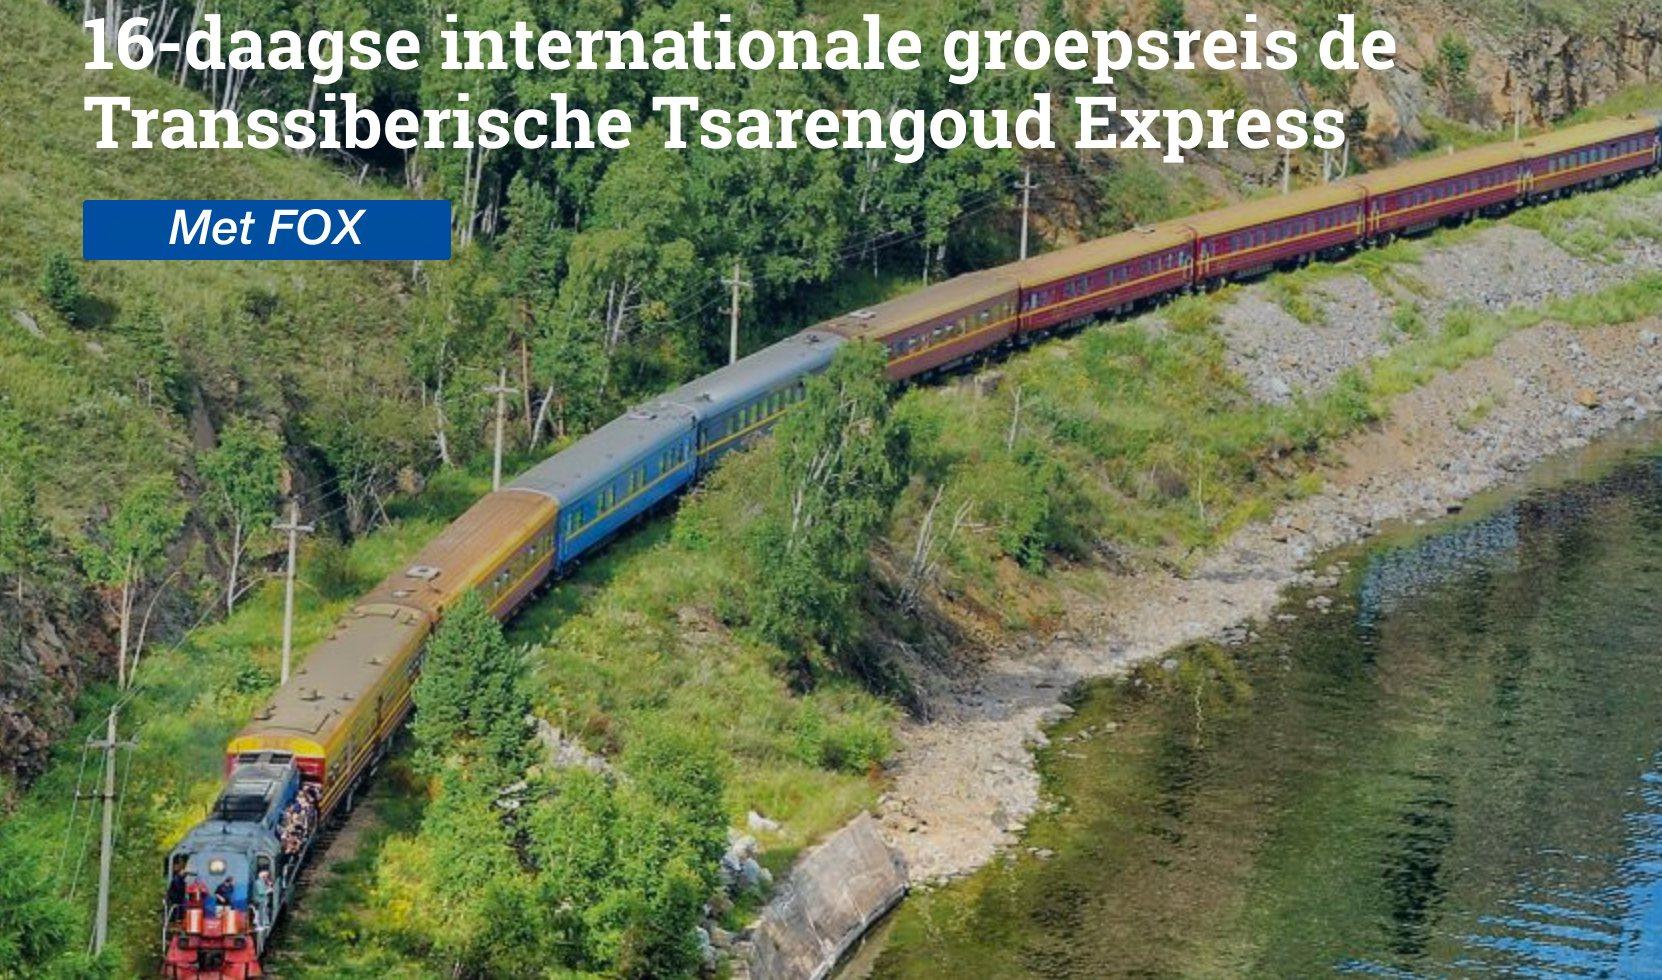 De Tsarengoud Express